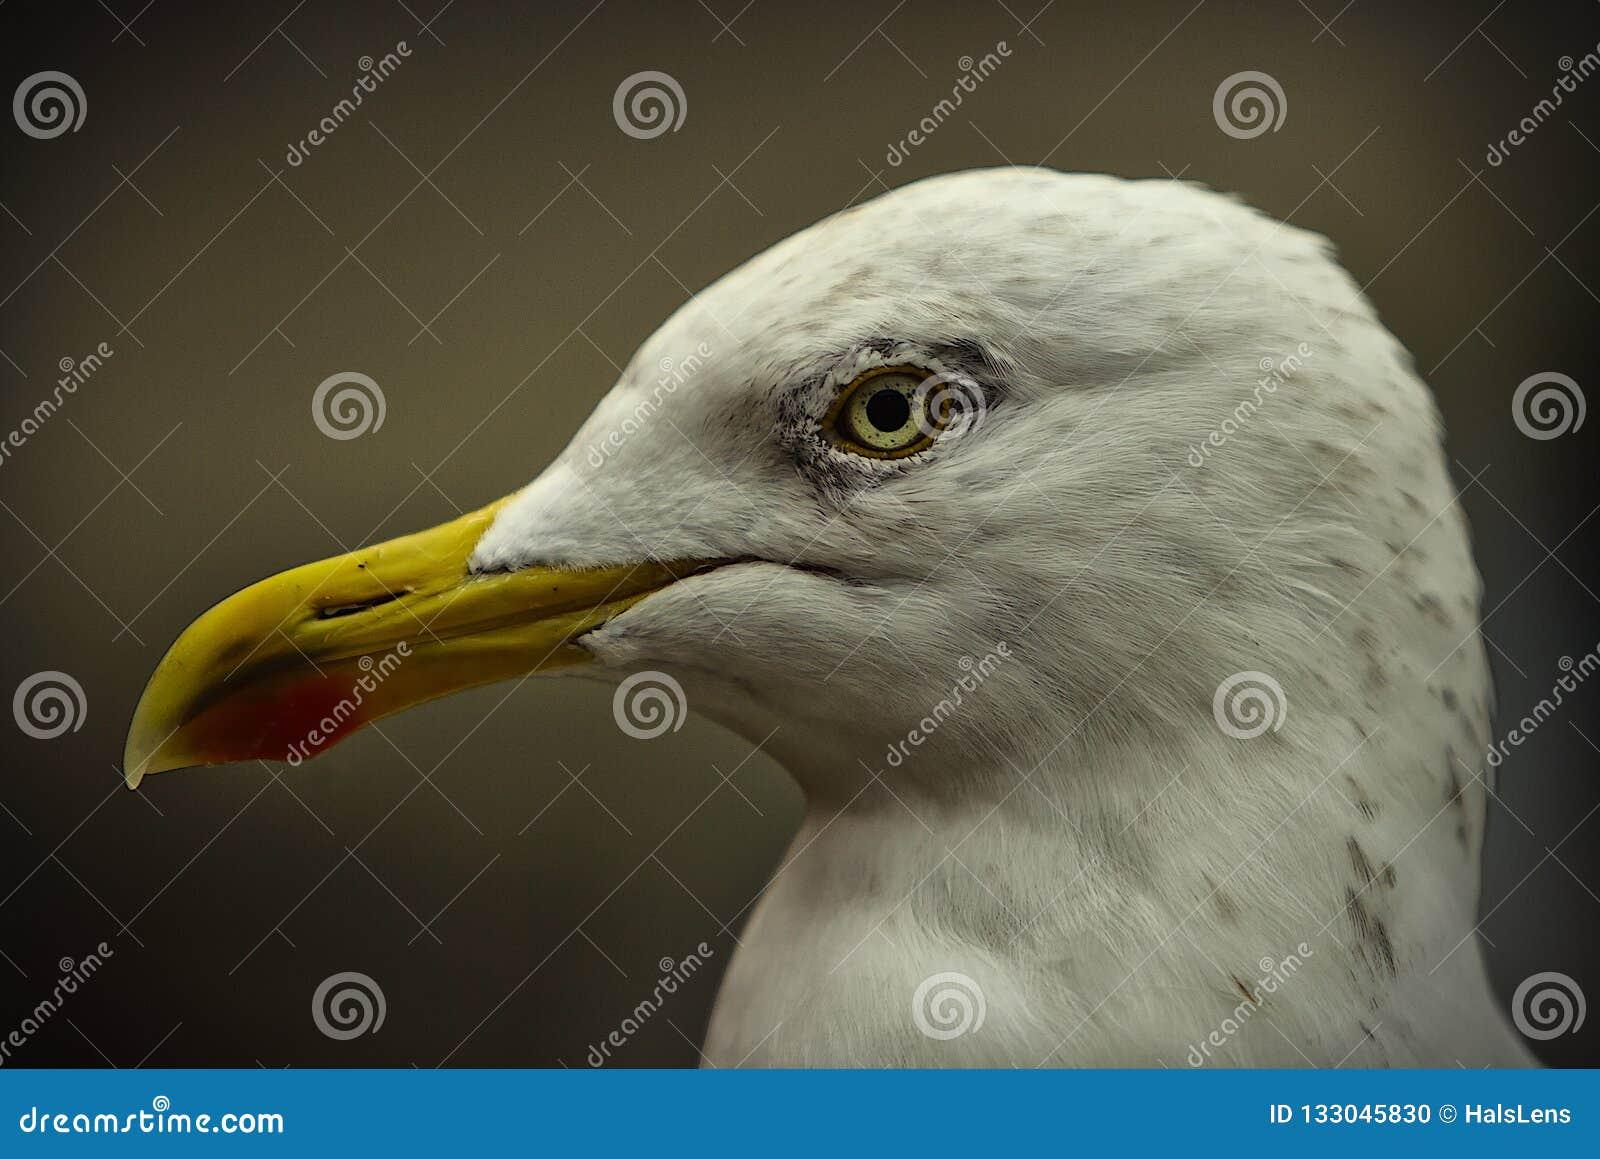 европейские сельди чайки